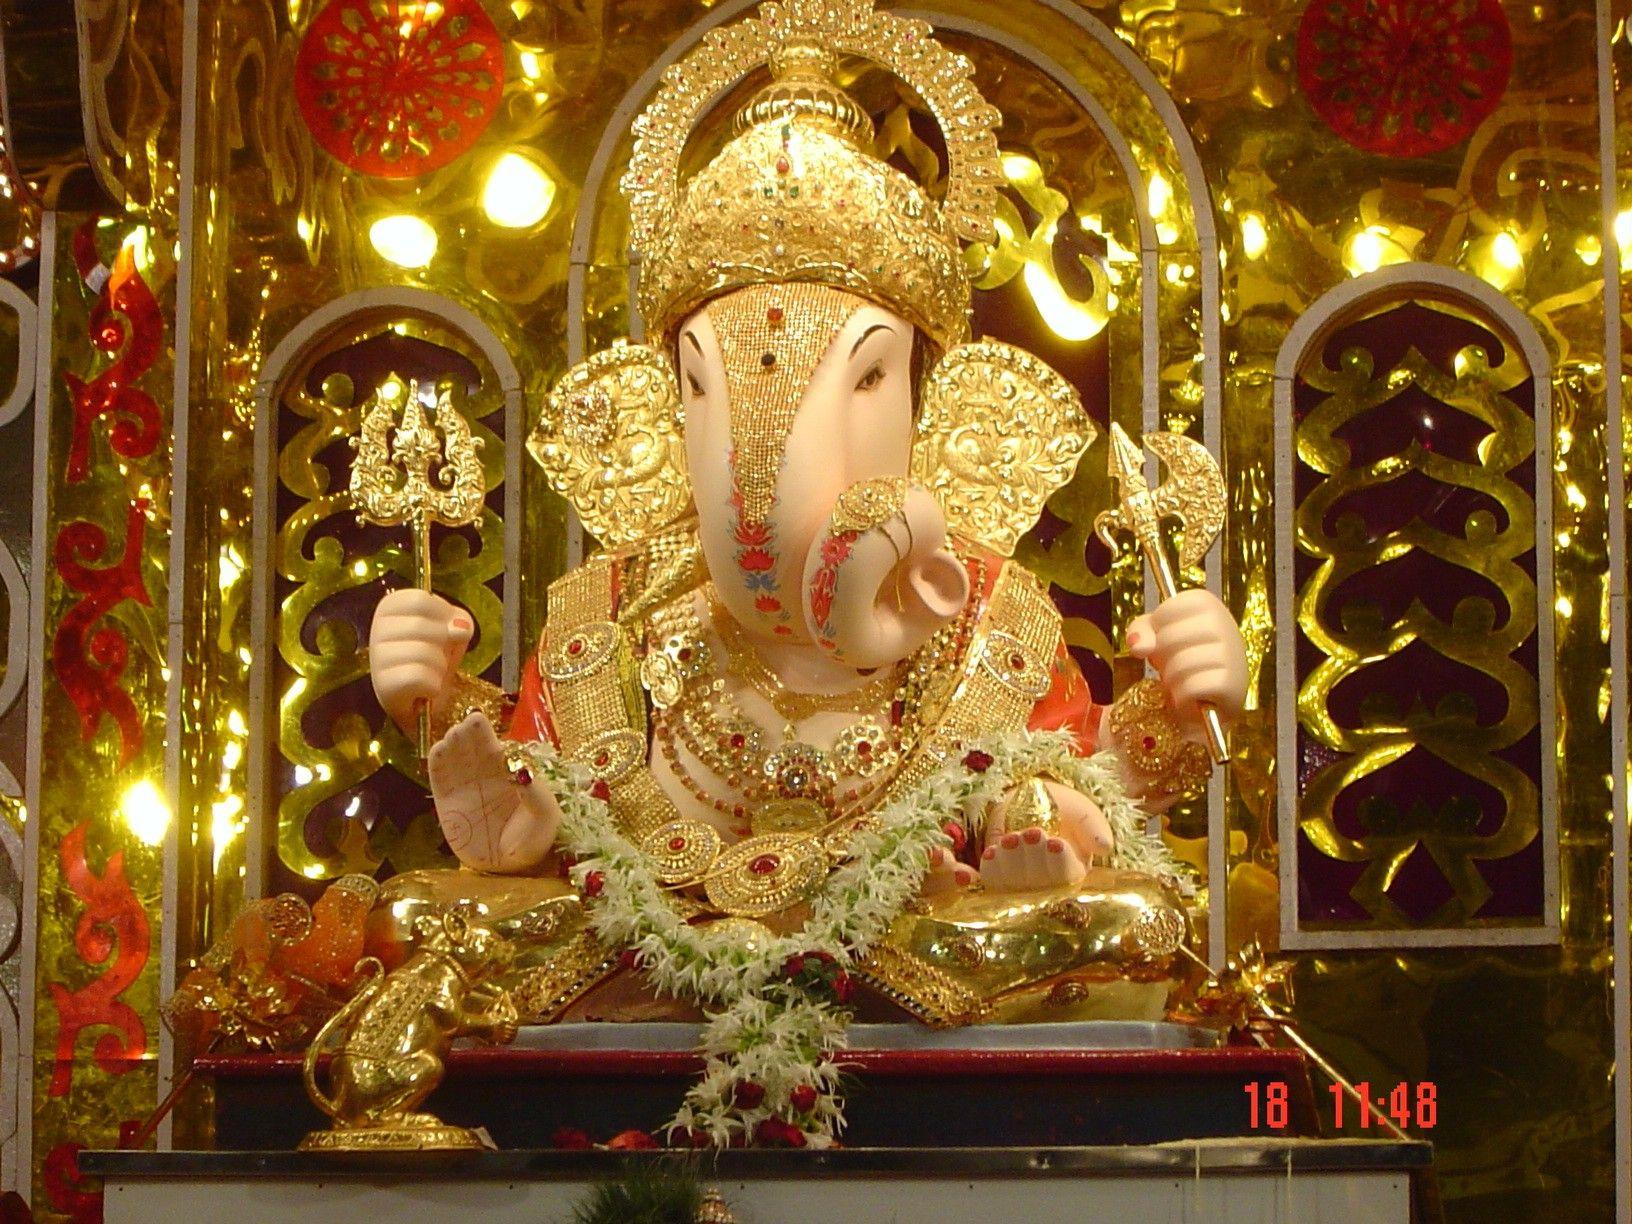 Ganesha (With images) Happy ganesh chaturthi images